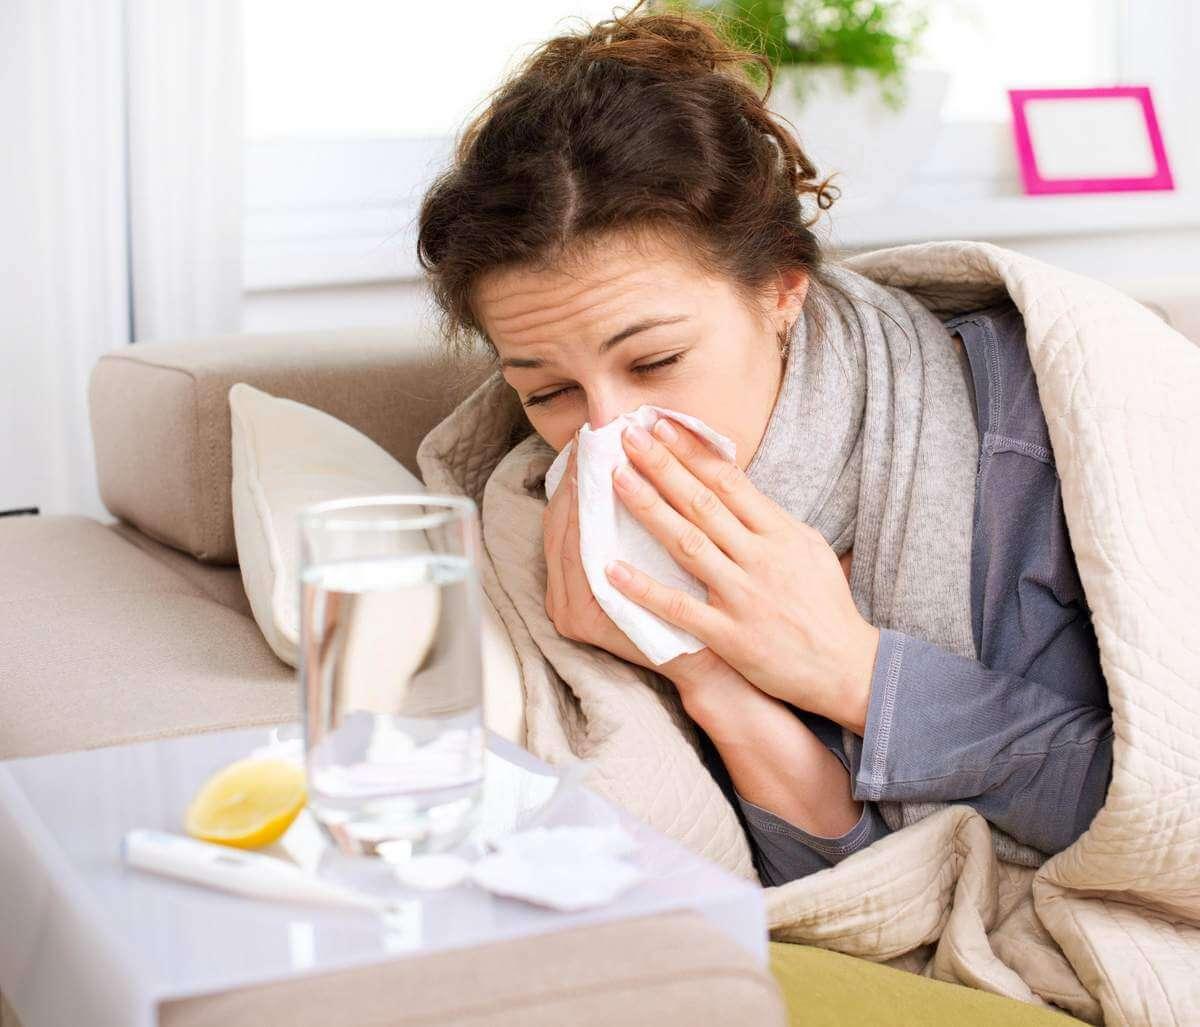 Как и чем лечить насморк кормящей маме, чтобы быстро вылечить?